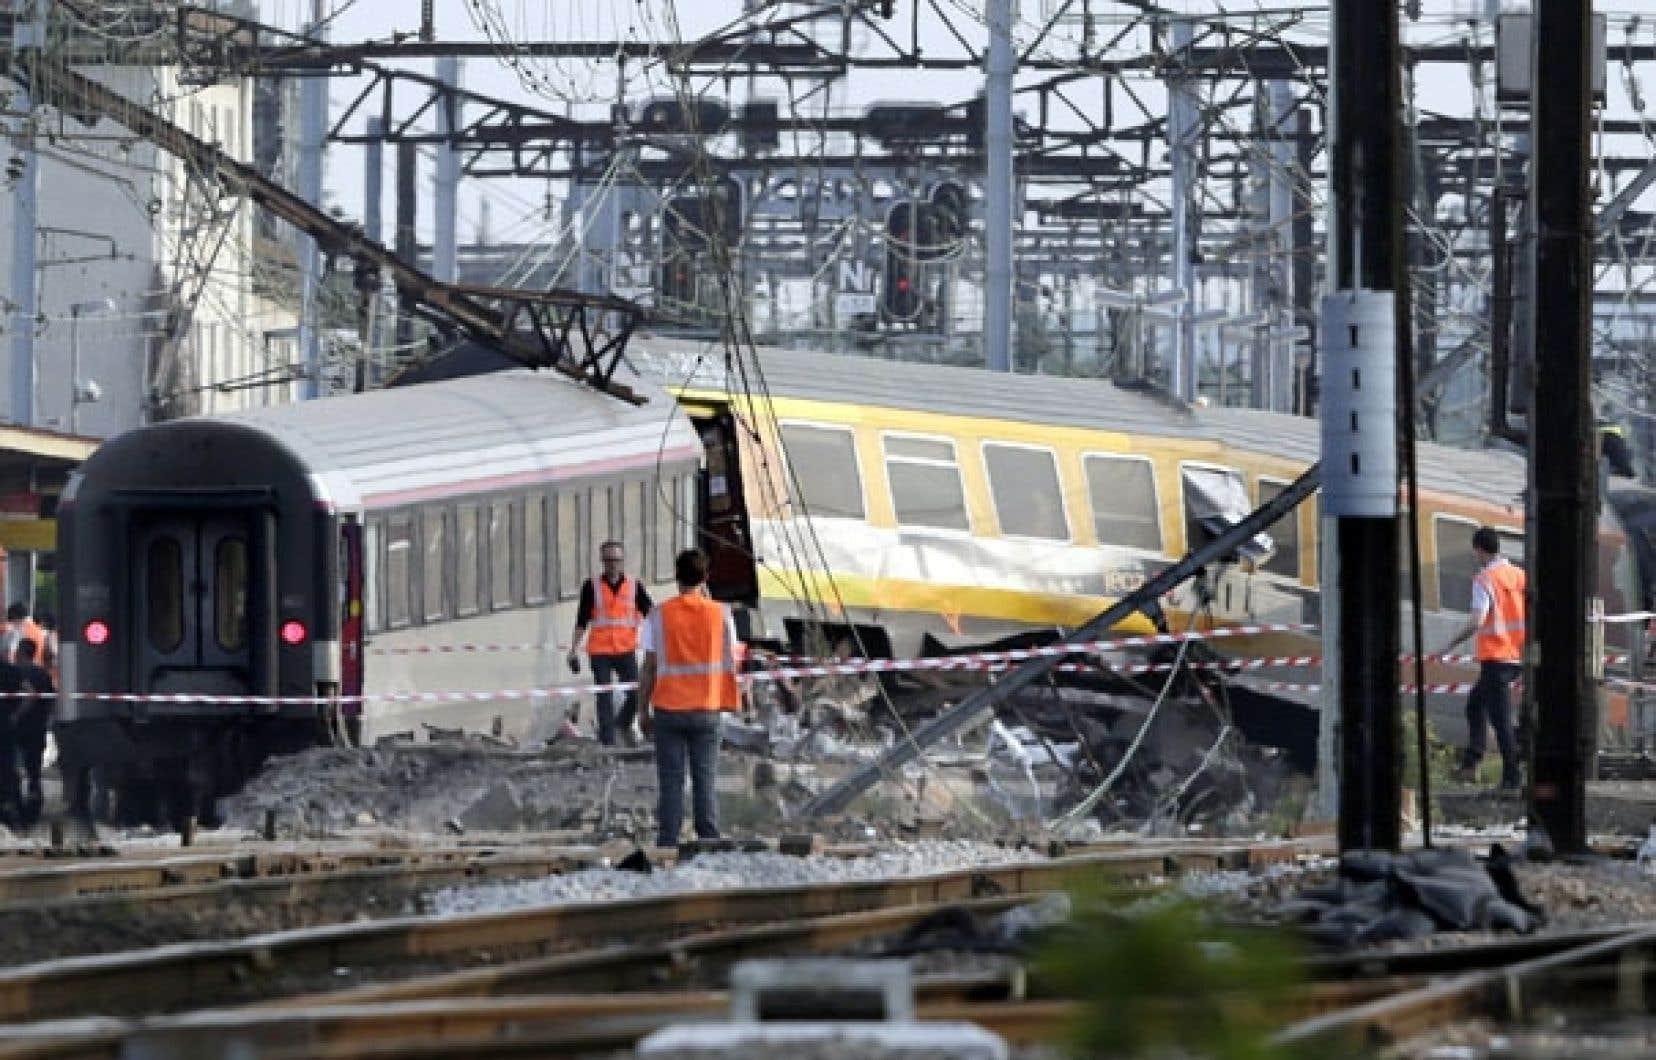 Le train est sorti de sa trajectoire à la gare de Bretigny-sur-Orge, au sud de Paris. Le bilan des victimes s'élève jusqu'à maintenant à six personnes.